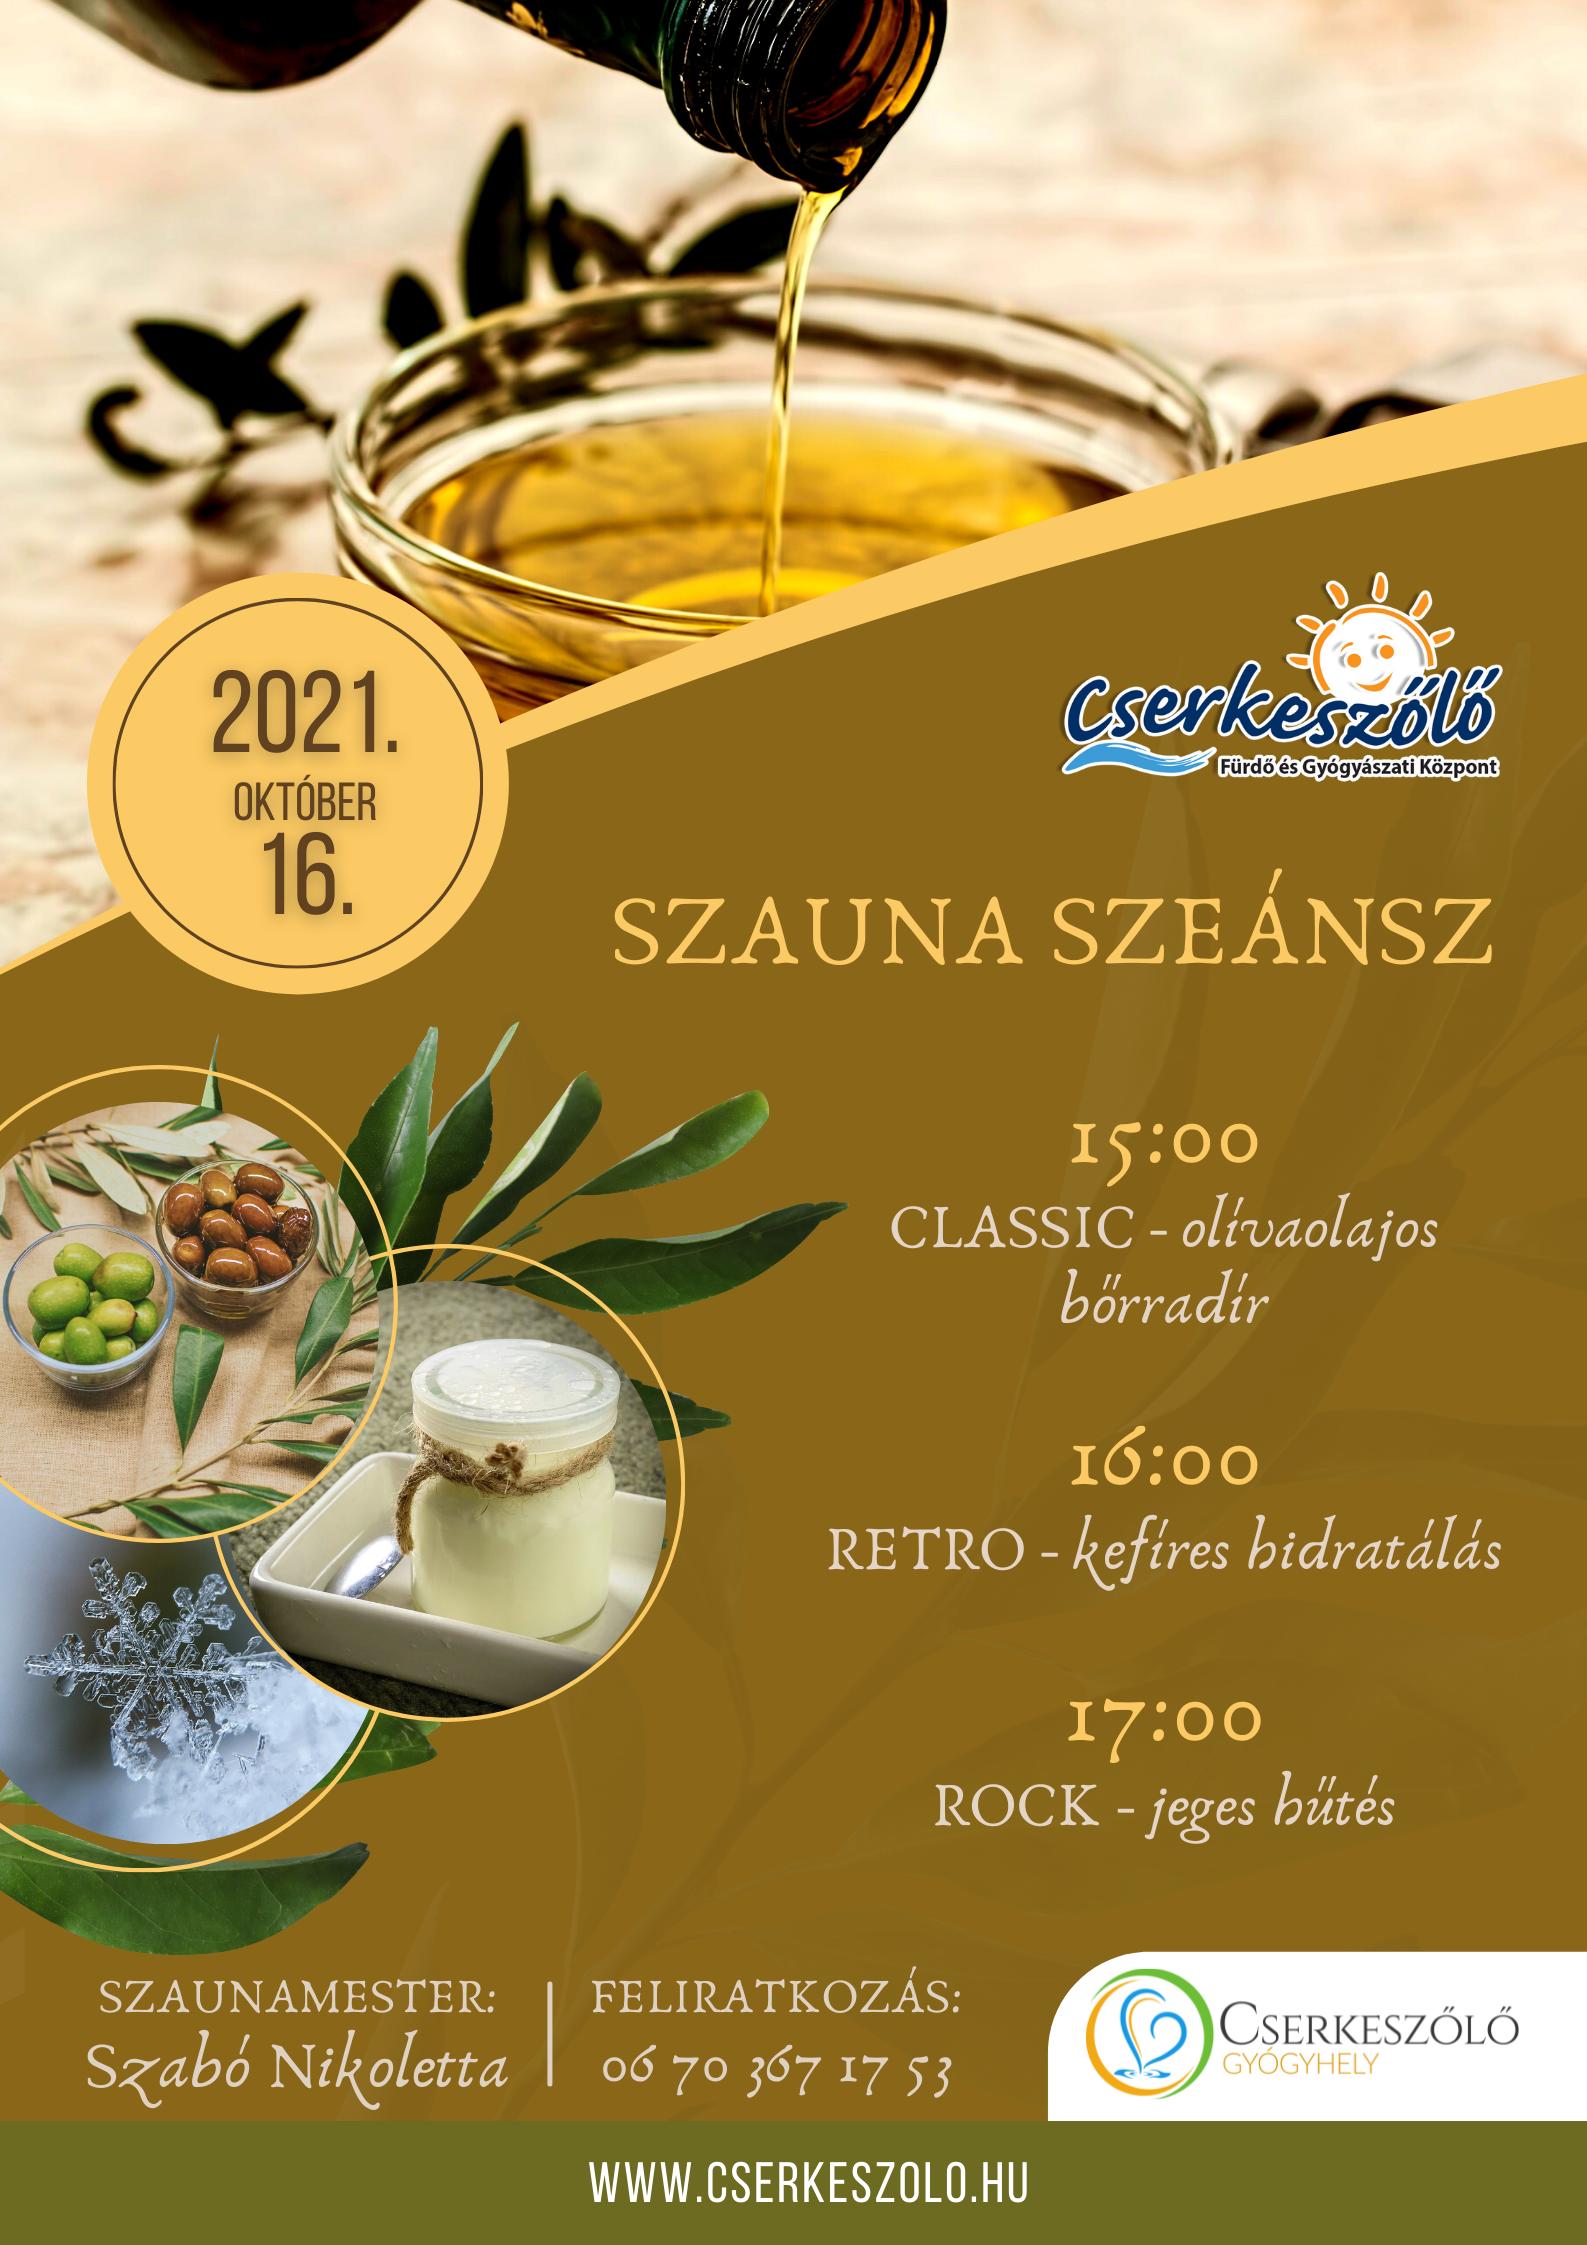 SZAUNA SZEÁNSZ